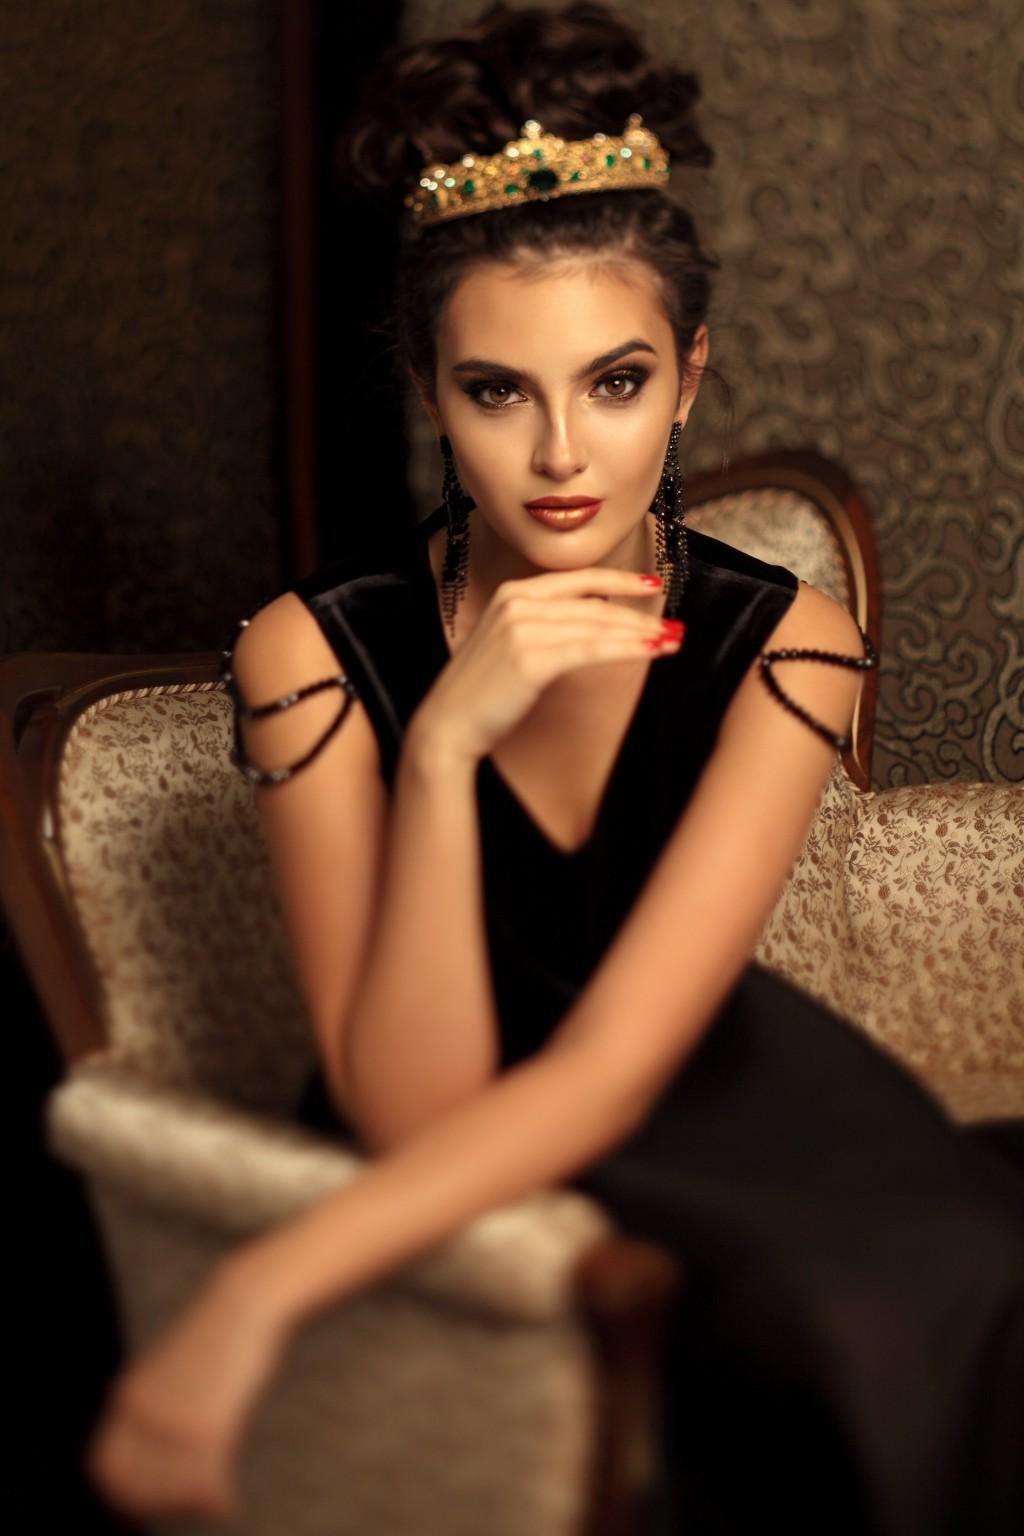 Сбор заказов.Быстрый сбор!Супер-скидки!!!Изумительной красоты коллекции! Твой имидж-Белоруссия! Модно, стильно, ярко, незабываемо!Самые красивые платья,костюмы,блузы,брюки и юбки р.42-58 по доступным ценам-71!Шикарнейшие новинки 2017 уже в продаже!